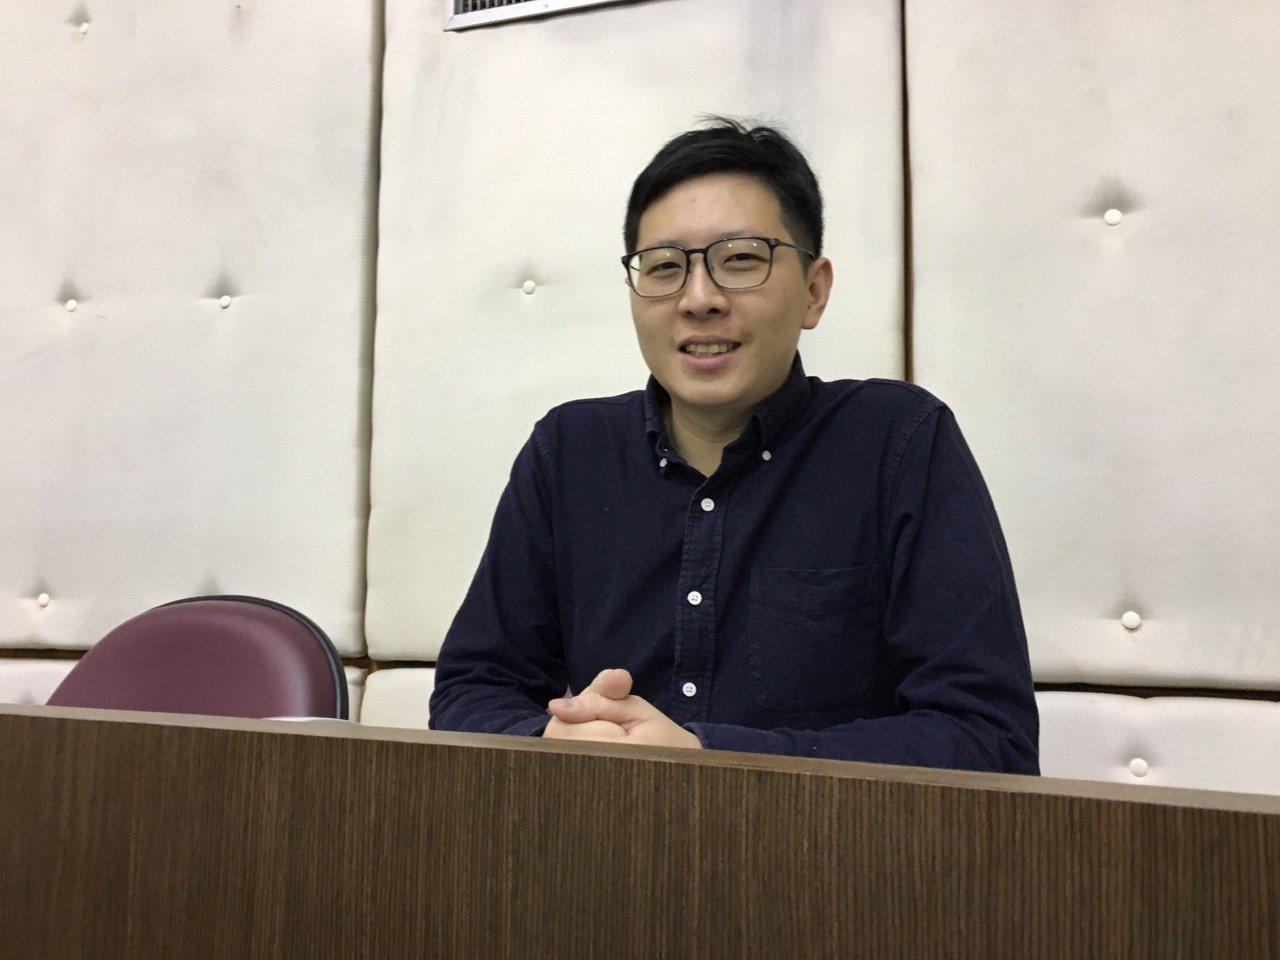 綠黨市議員王浩宇今天未參與議會預算審查,遭到國民黨議員批評,並認為王在外說是不願...